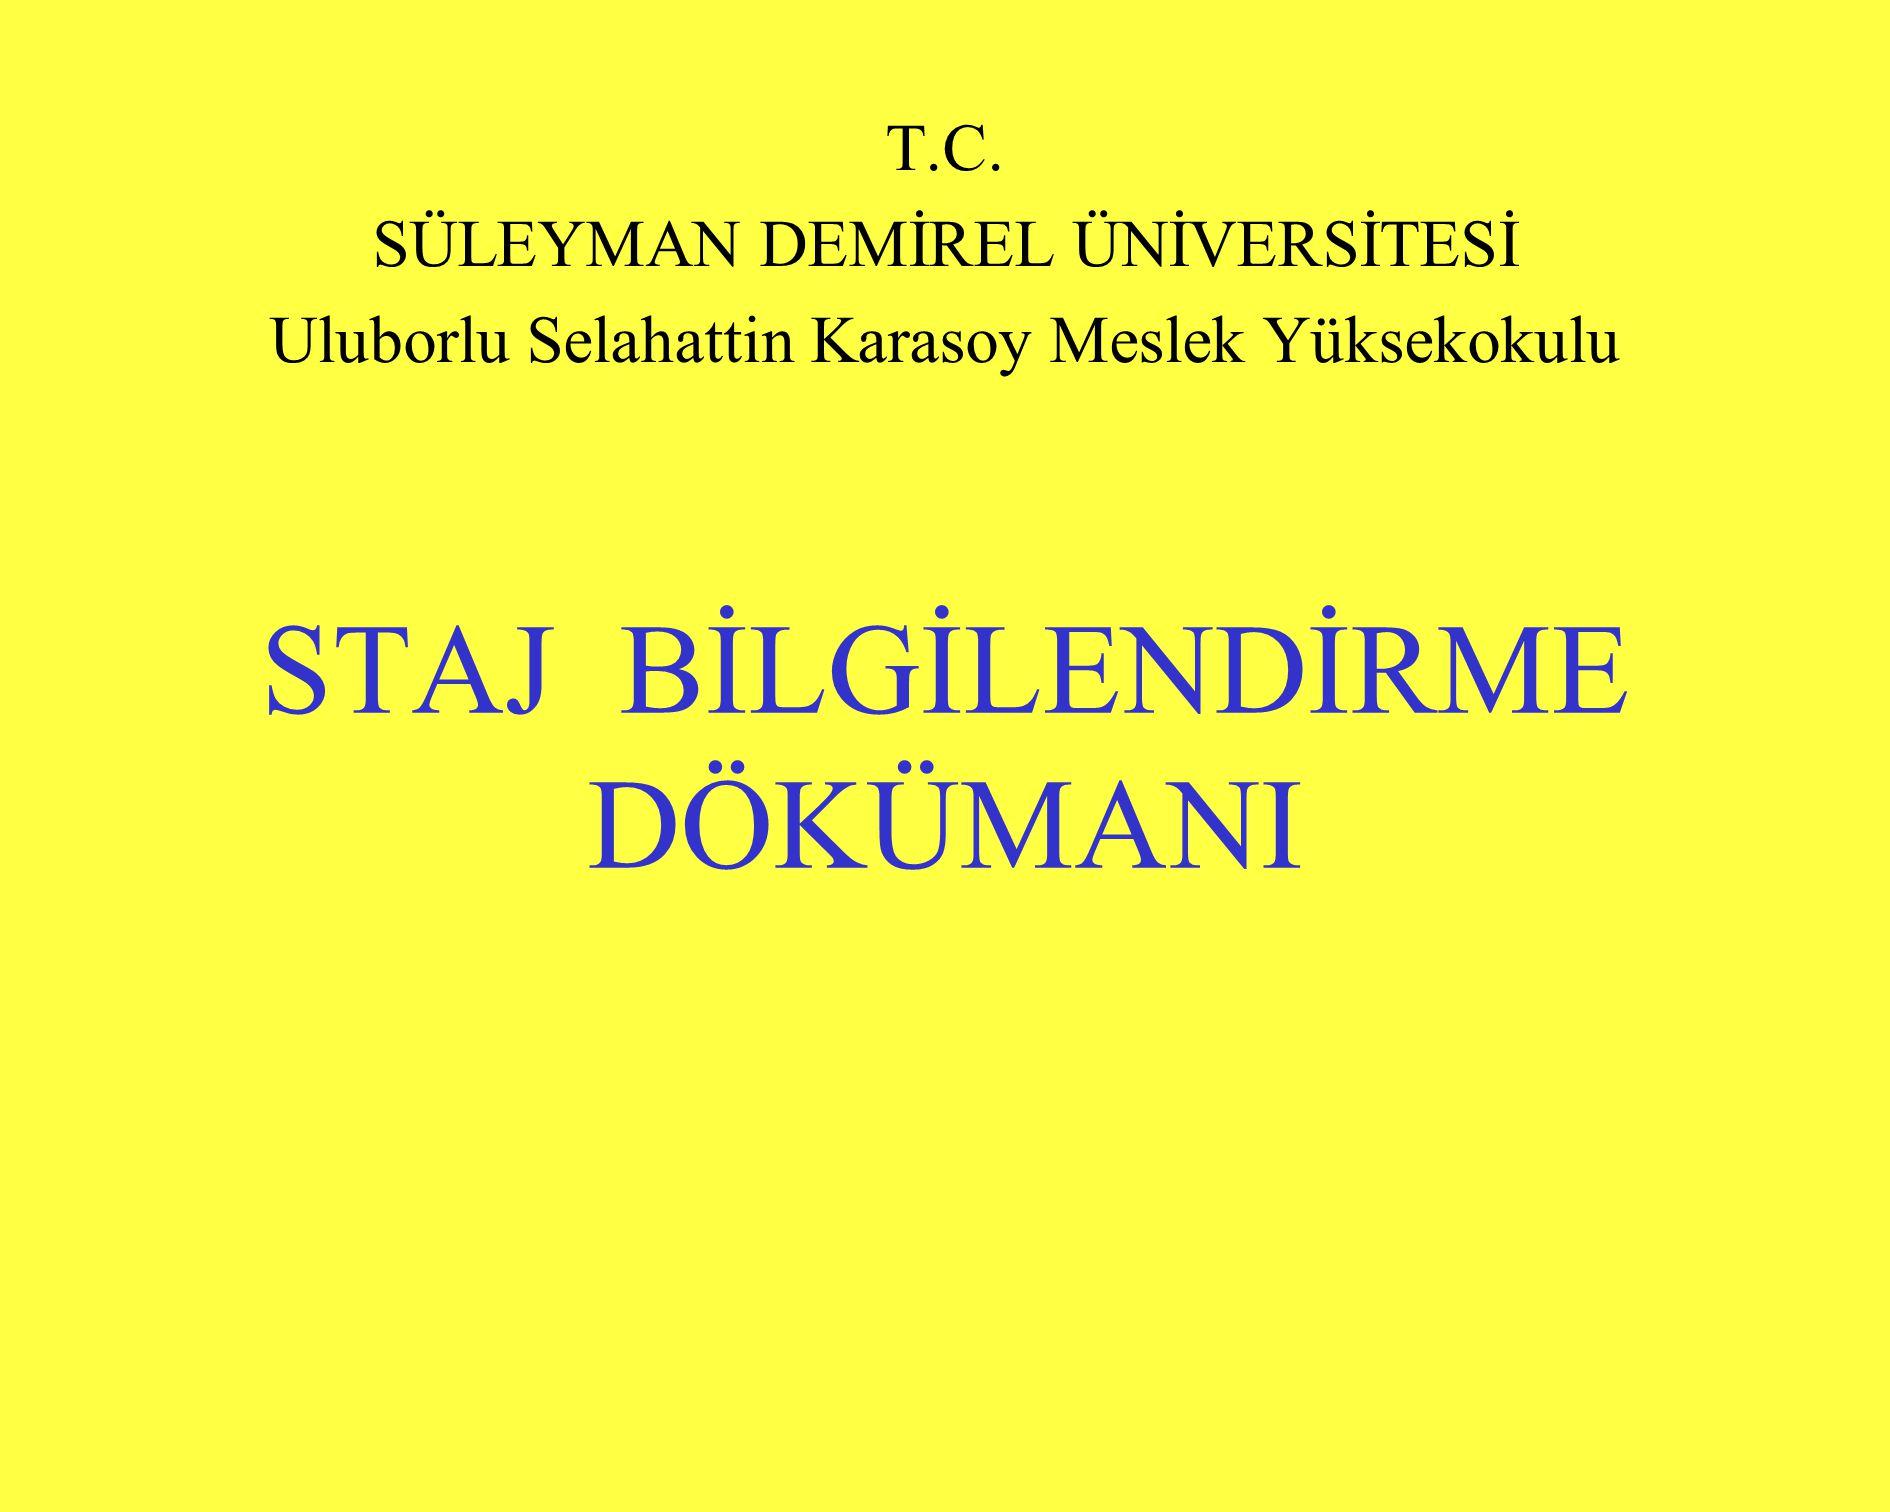 STAJ BİLGİLENDİRME DÖKÜMANI T.C.